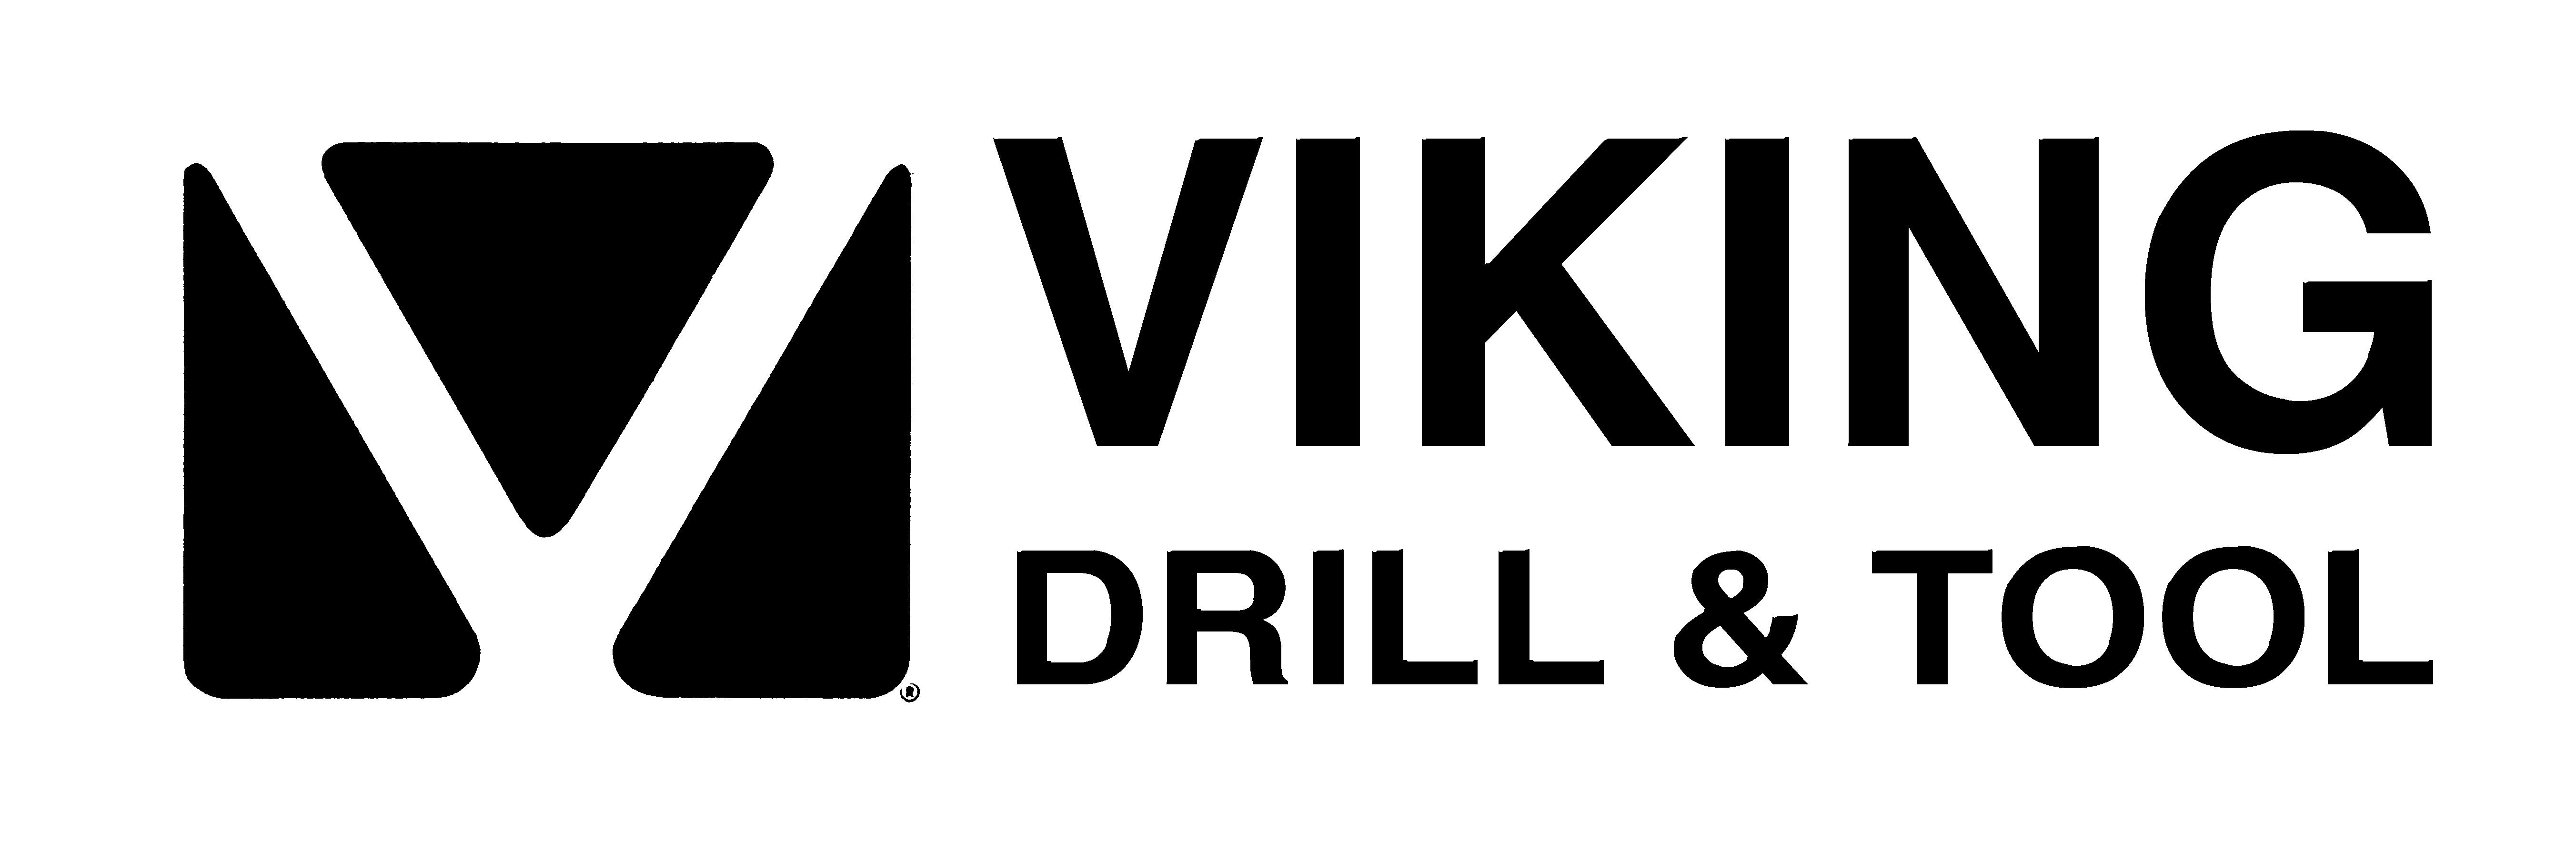 vikingdrill-logo.jpg